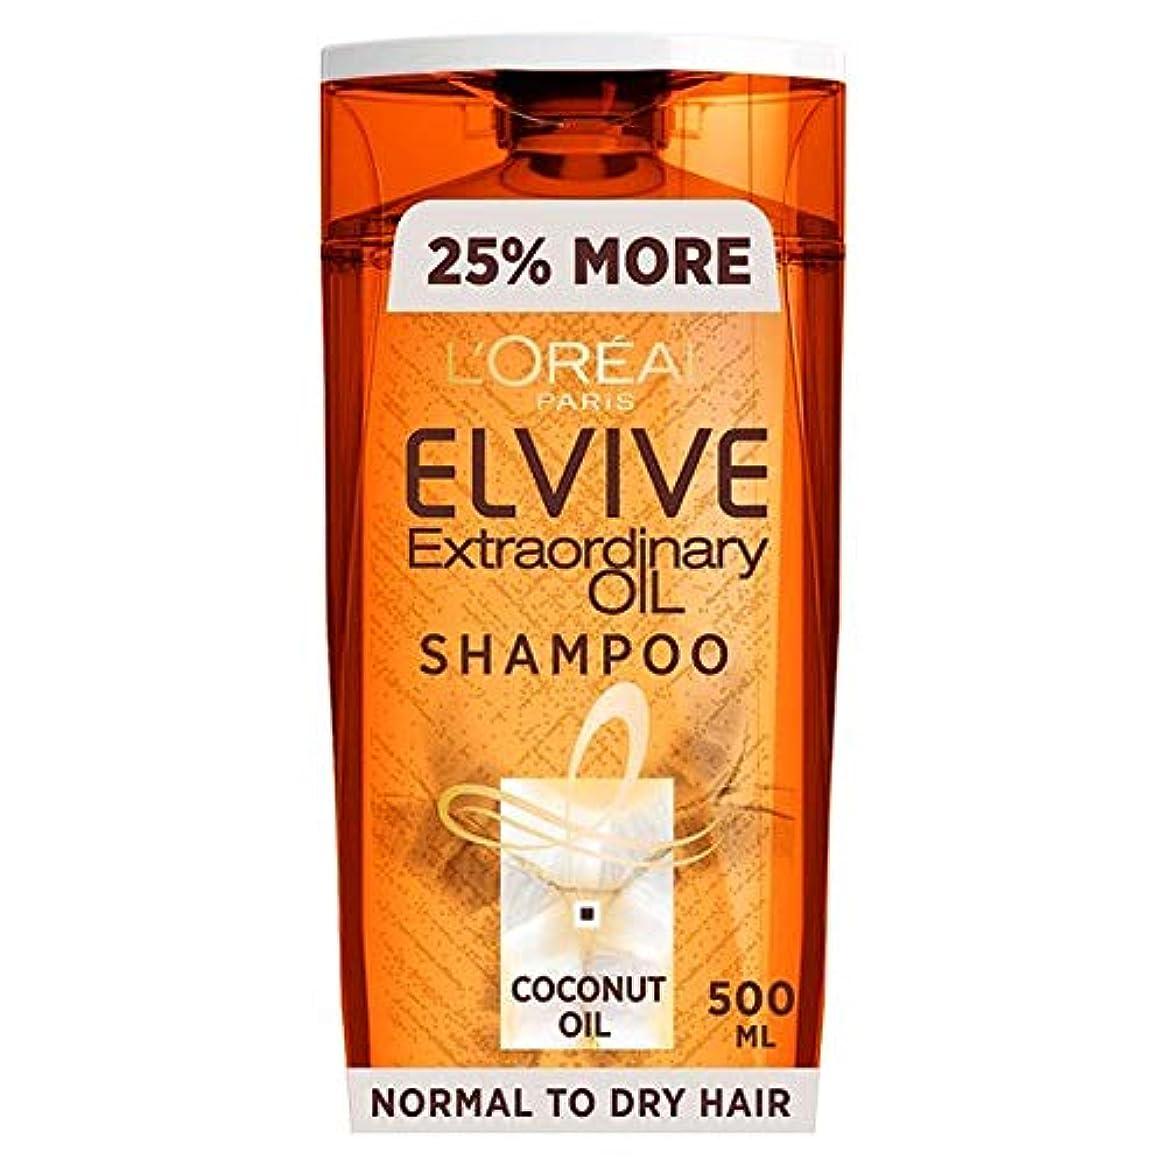 アクションコミットメント膜[Elvive] ロレアルElvive臨時ヤシ油シャンプー500ミリリットル - L'oreal Elvive Extraordinary Coconut Oil Shampoo 500Ml [並行輸入品]